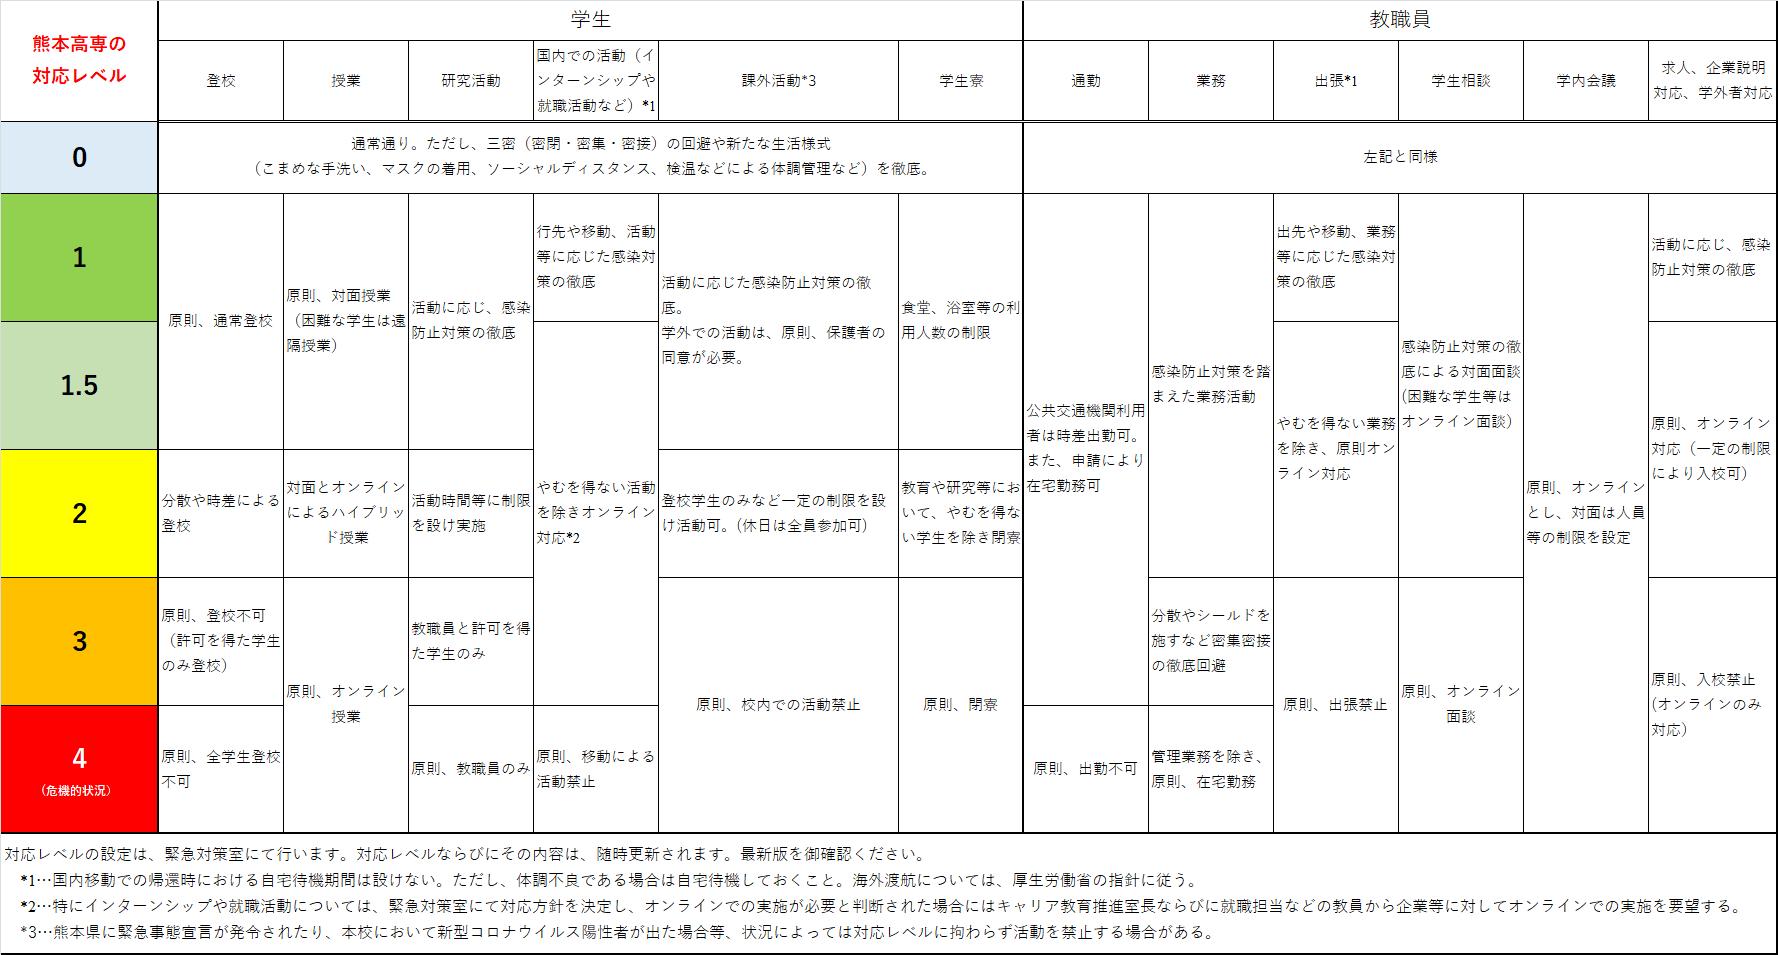 熊本 コロナ 速報 ウイルス 熊本県 新型コロナ関連情報